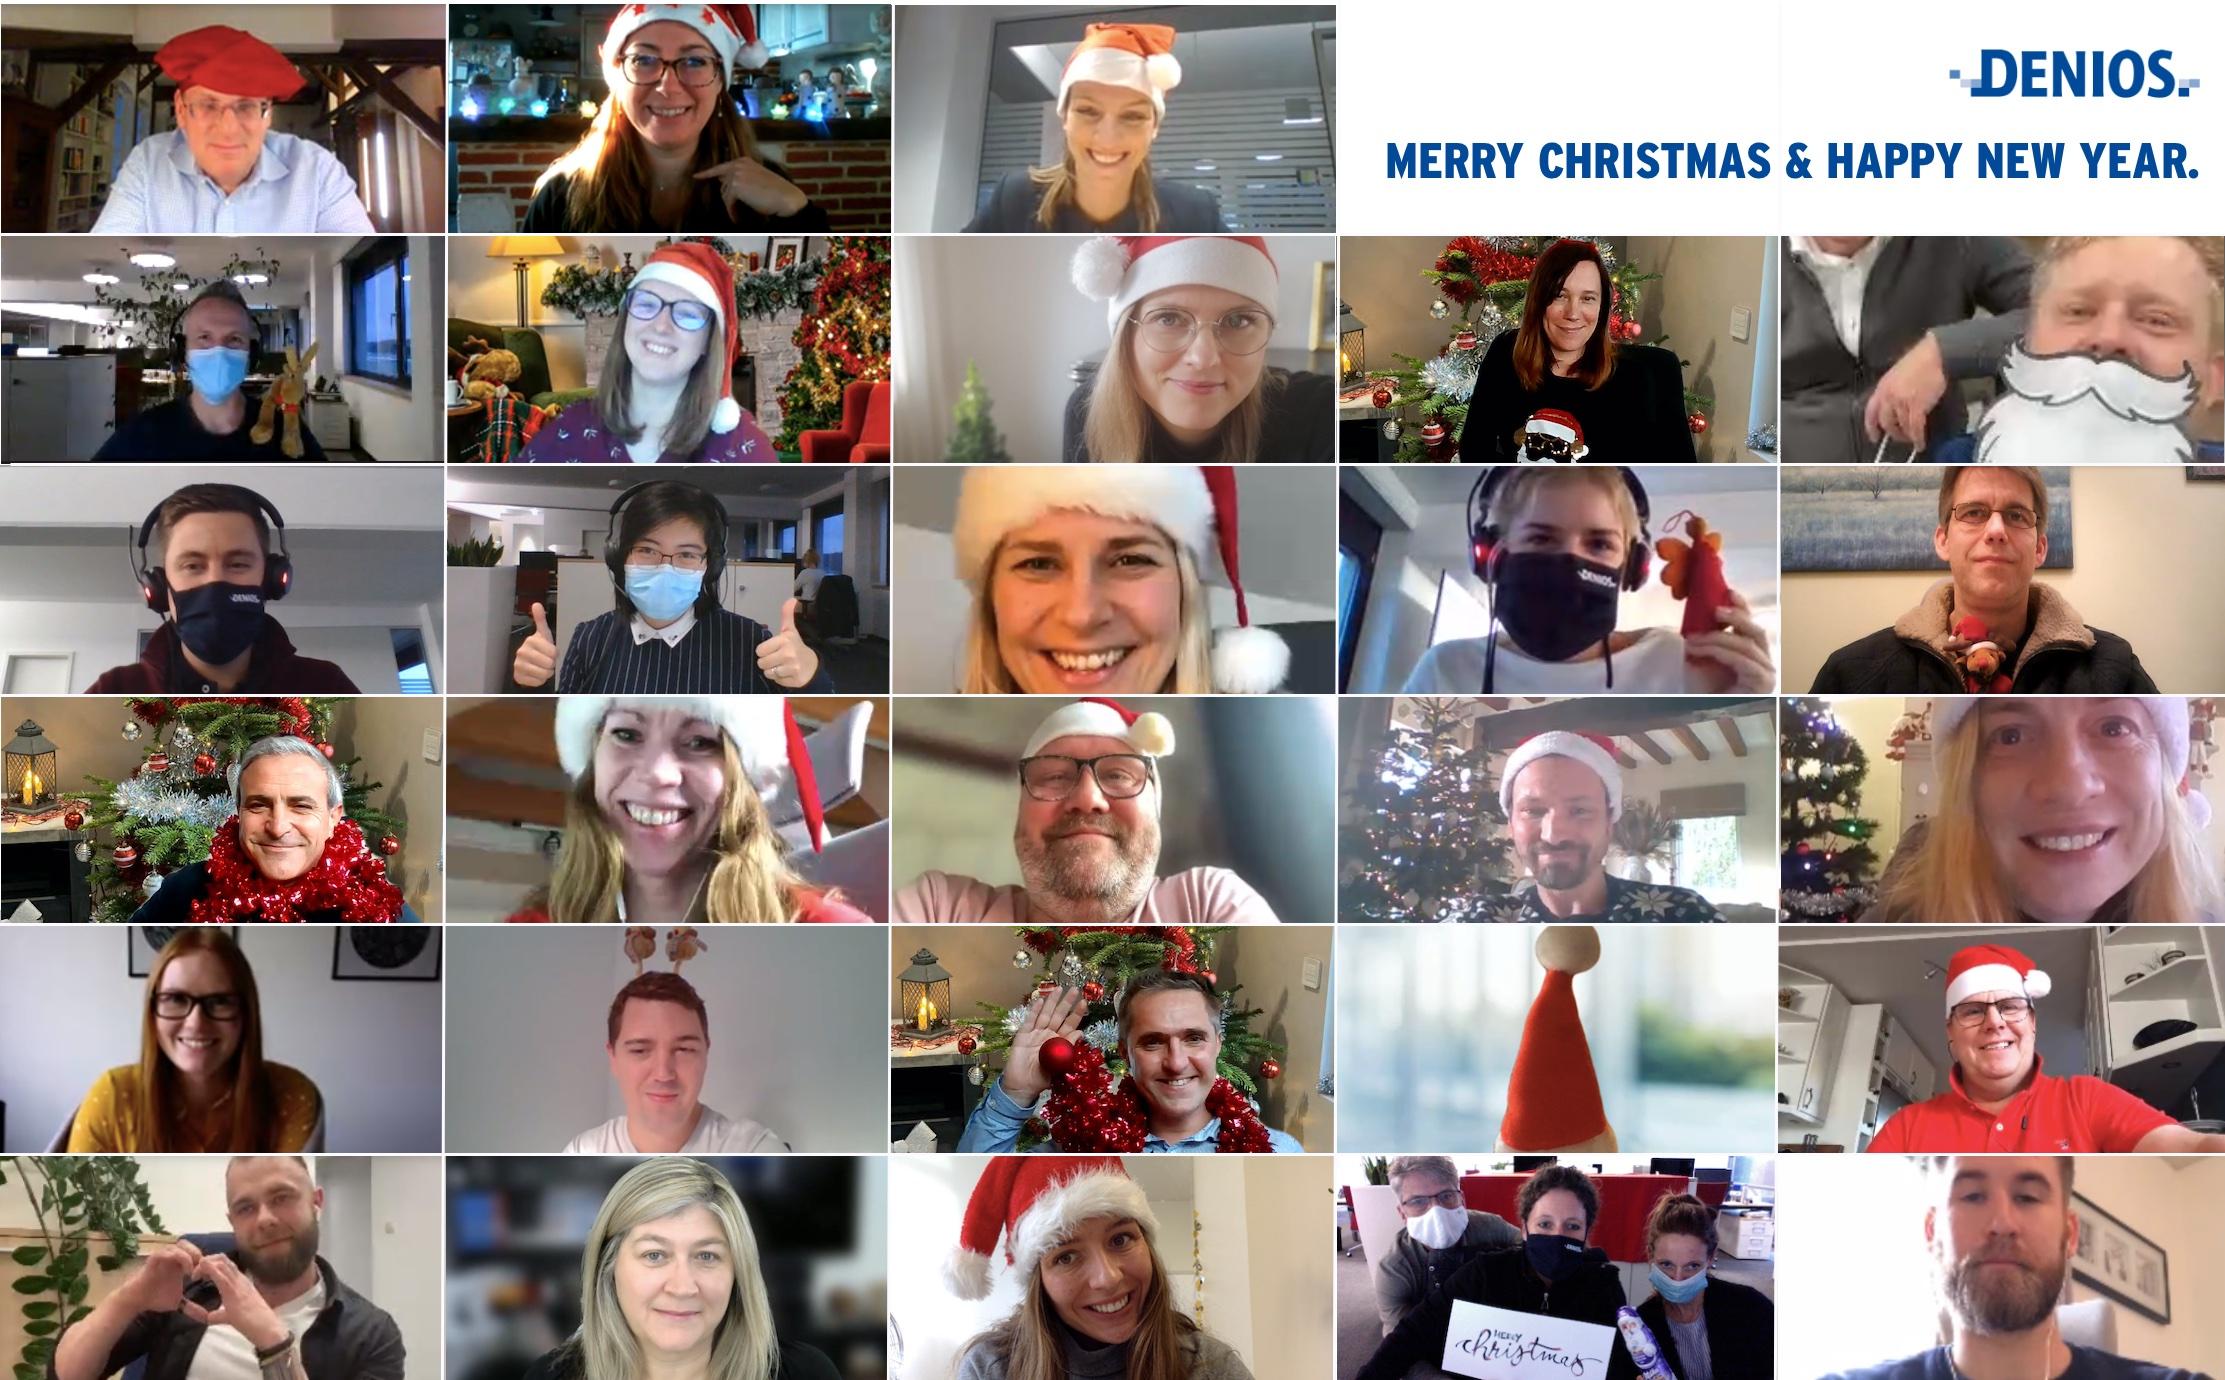 Glædelig jul og godt nytår fra DENIOS